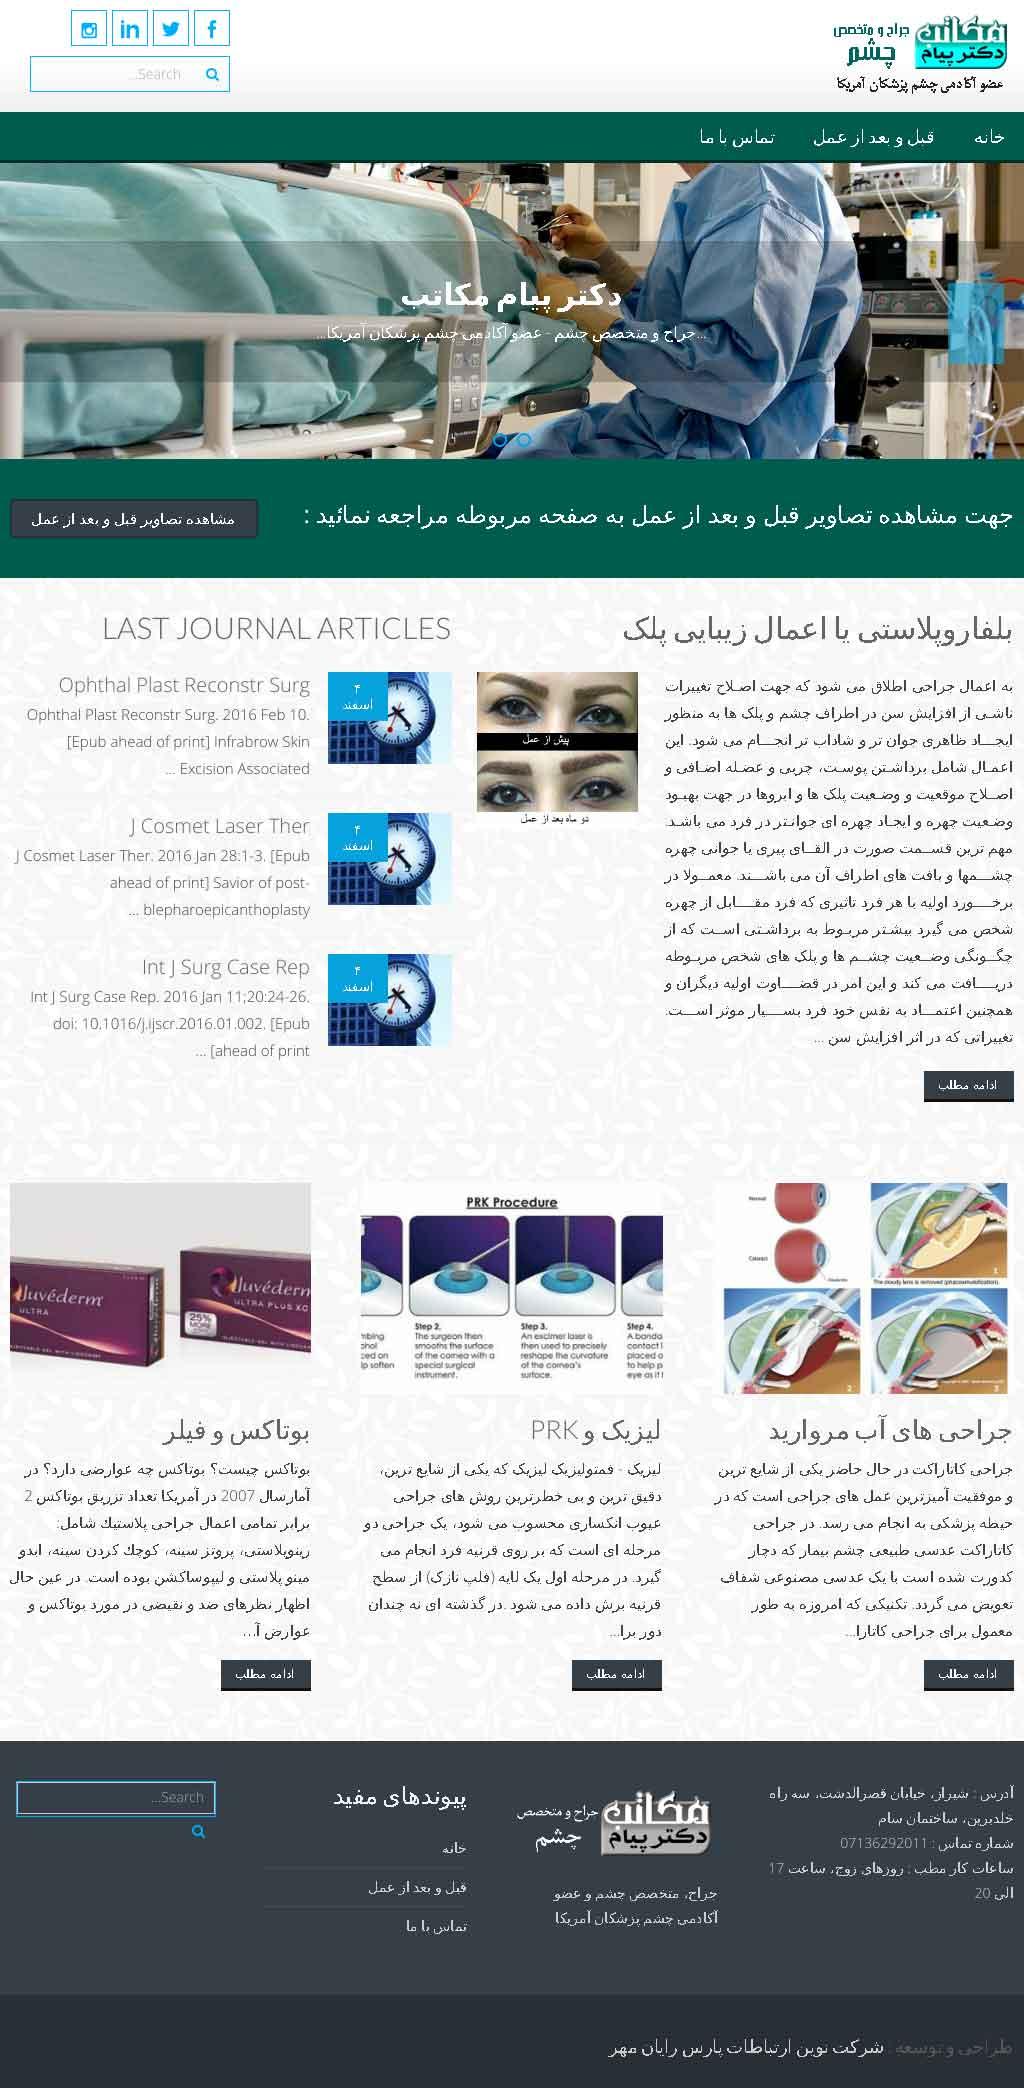 وب-سایت-دکتر-پیام-مکاتب